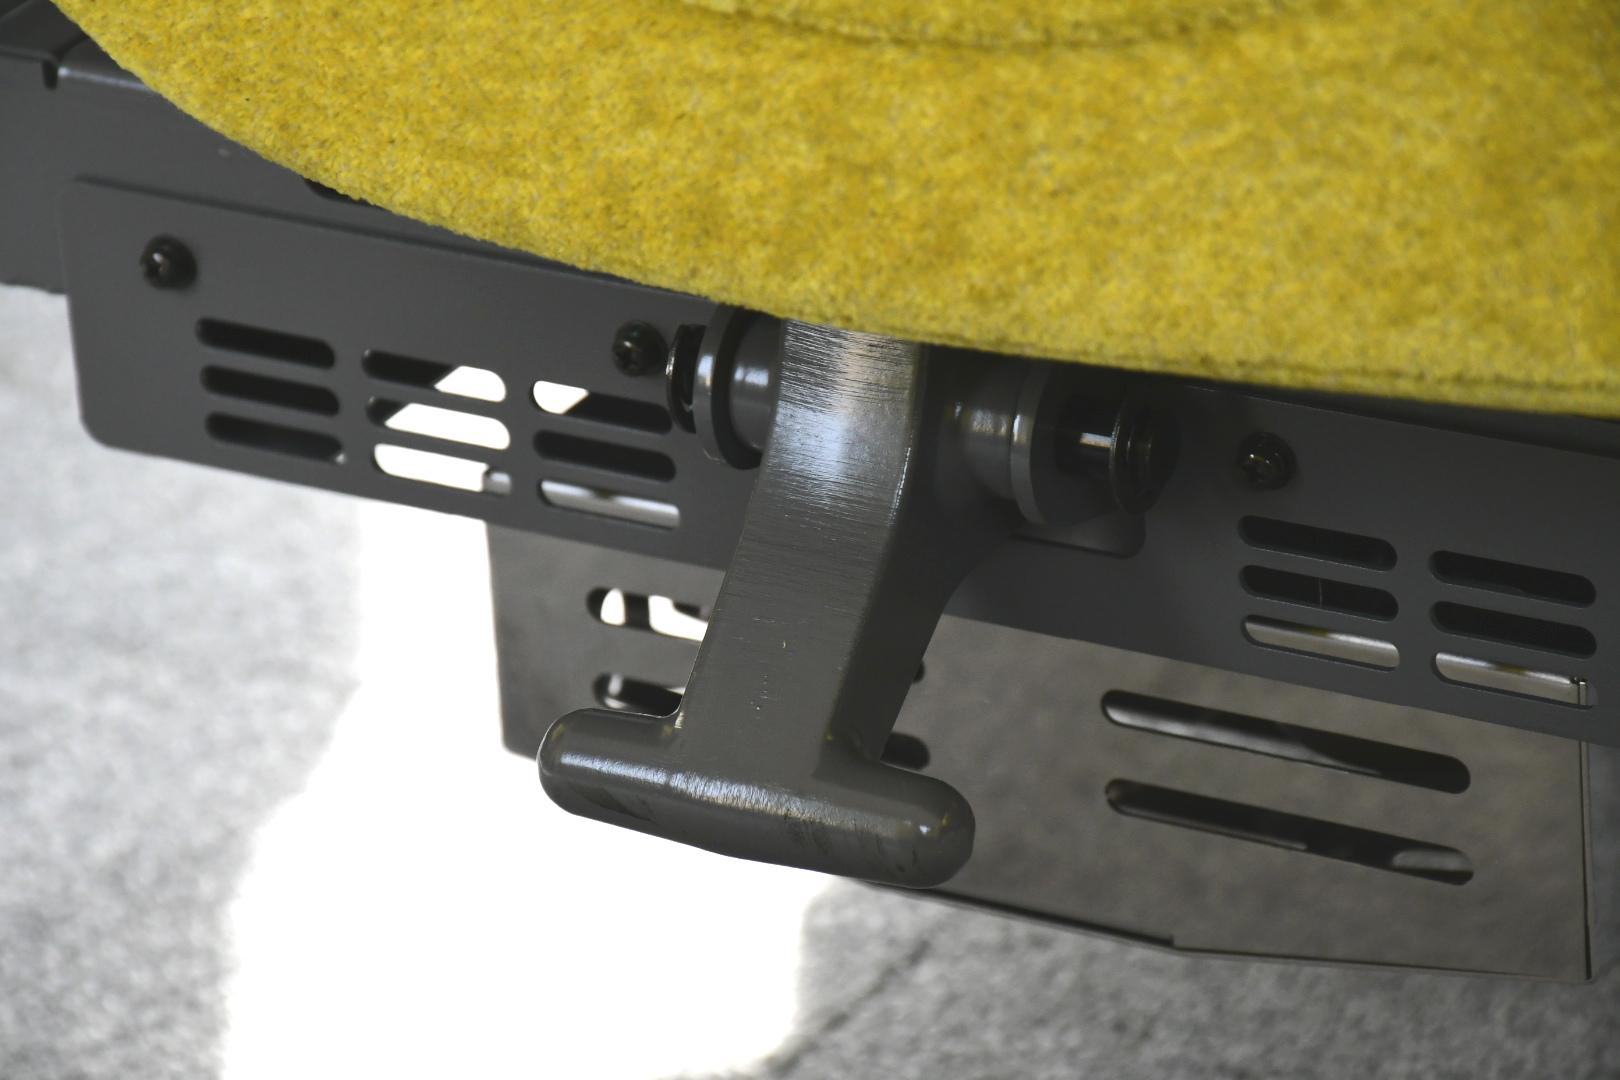 座面下にある座席回転用のバー。他の車両よりも小さめで、踏みやすいとはいえない形状です